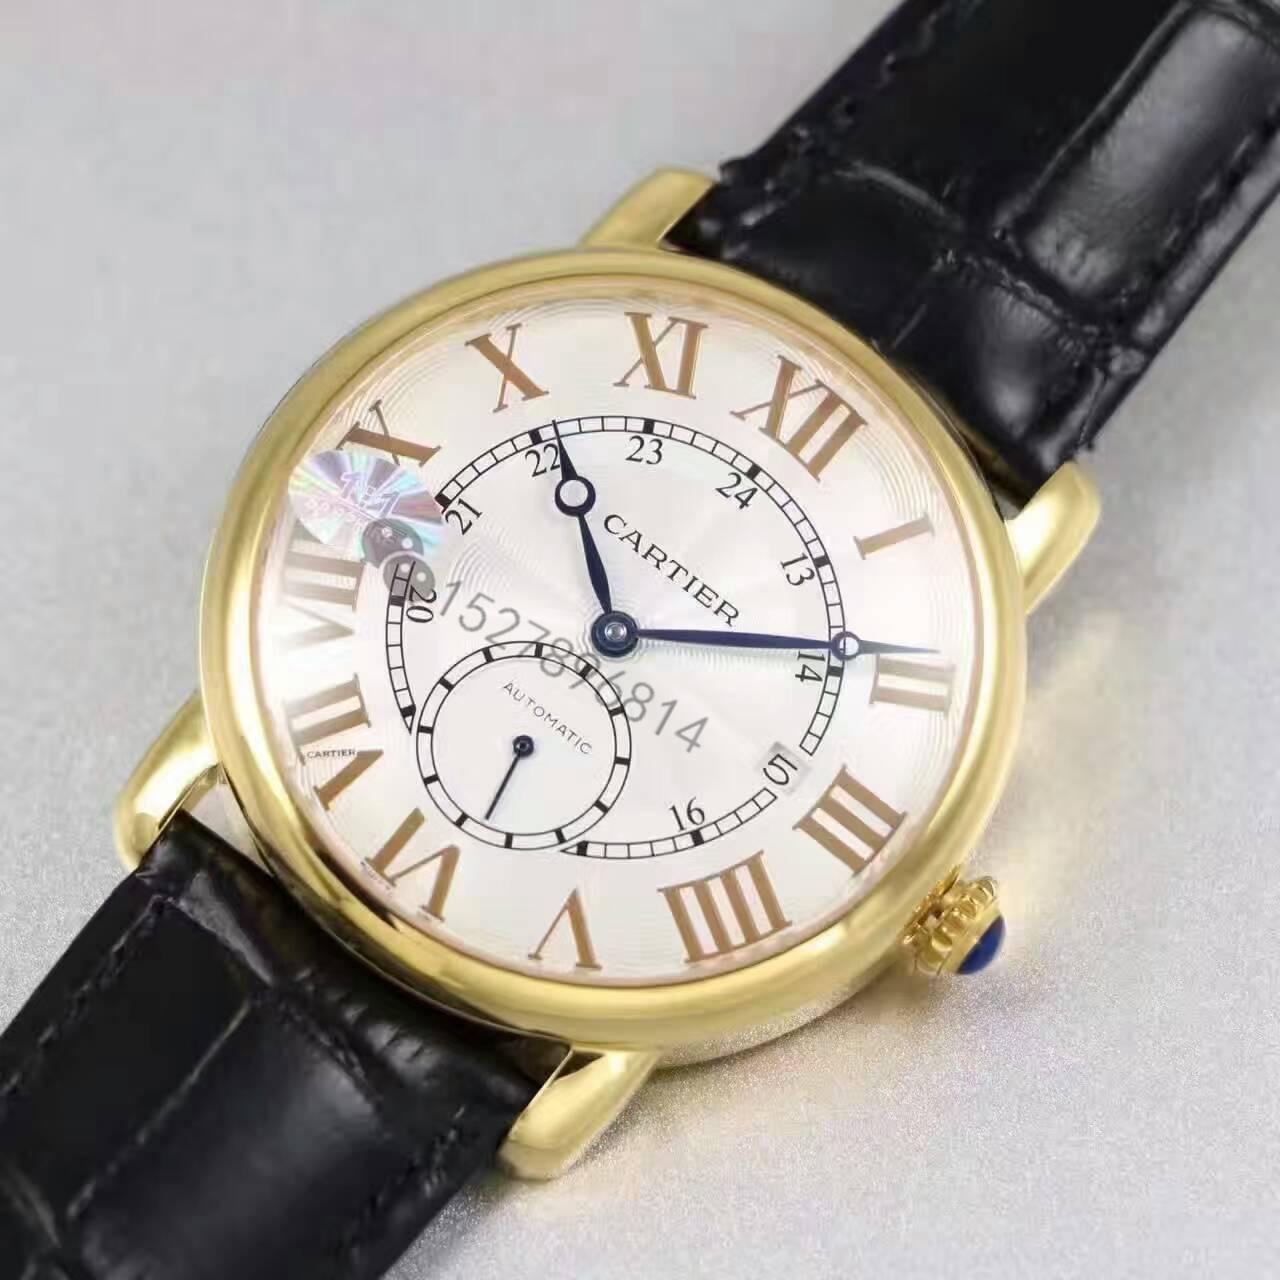 遇到这几款精美绝伦的腕表就收了吧 复刻卡地亚经典款式鉴赏